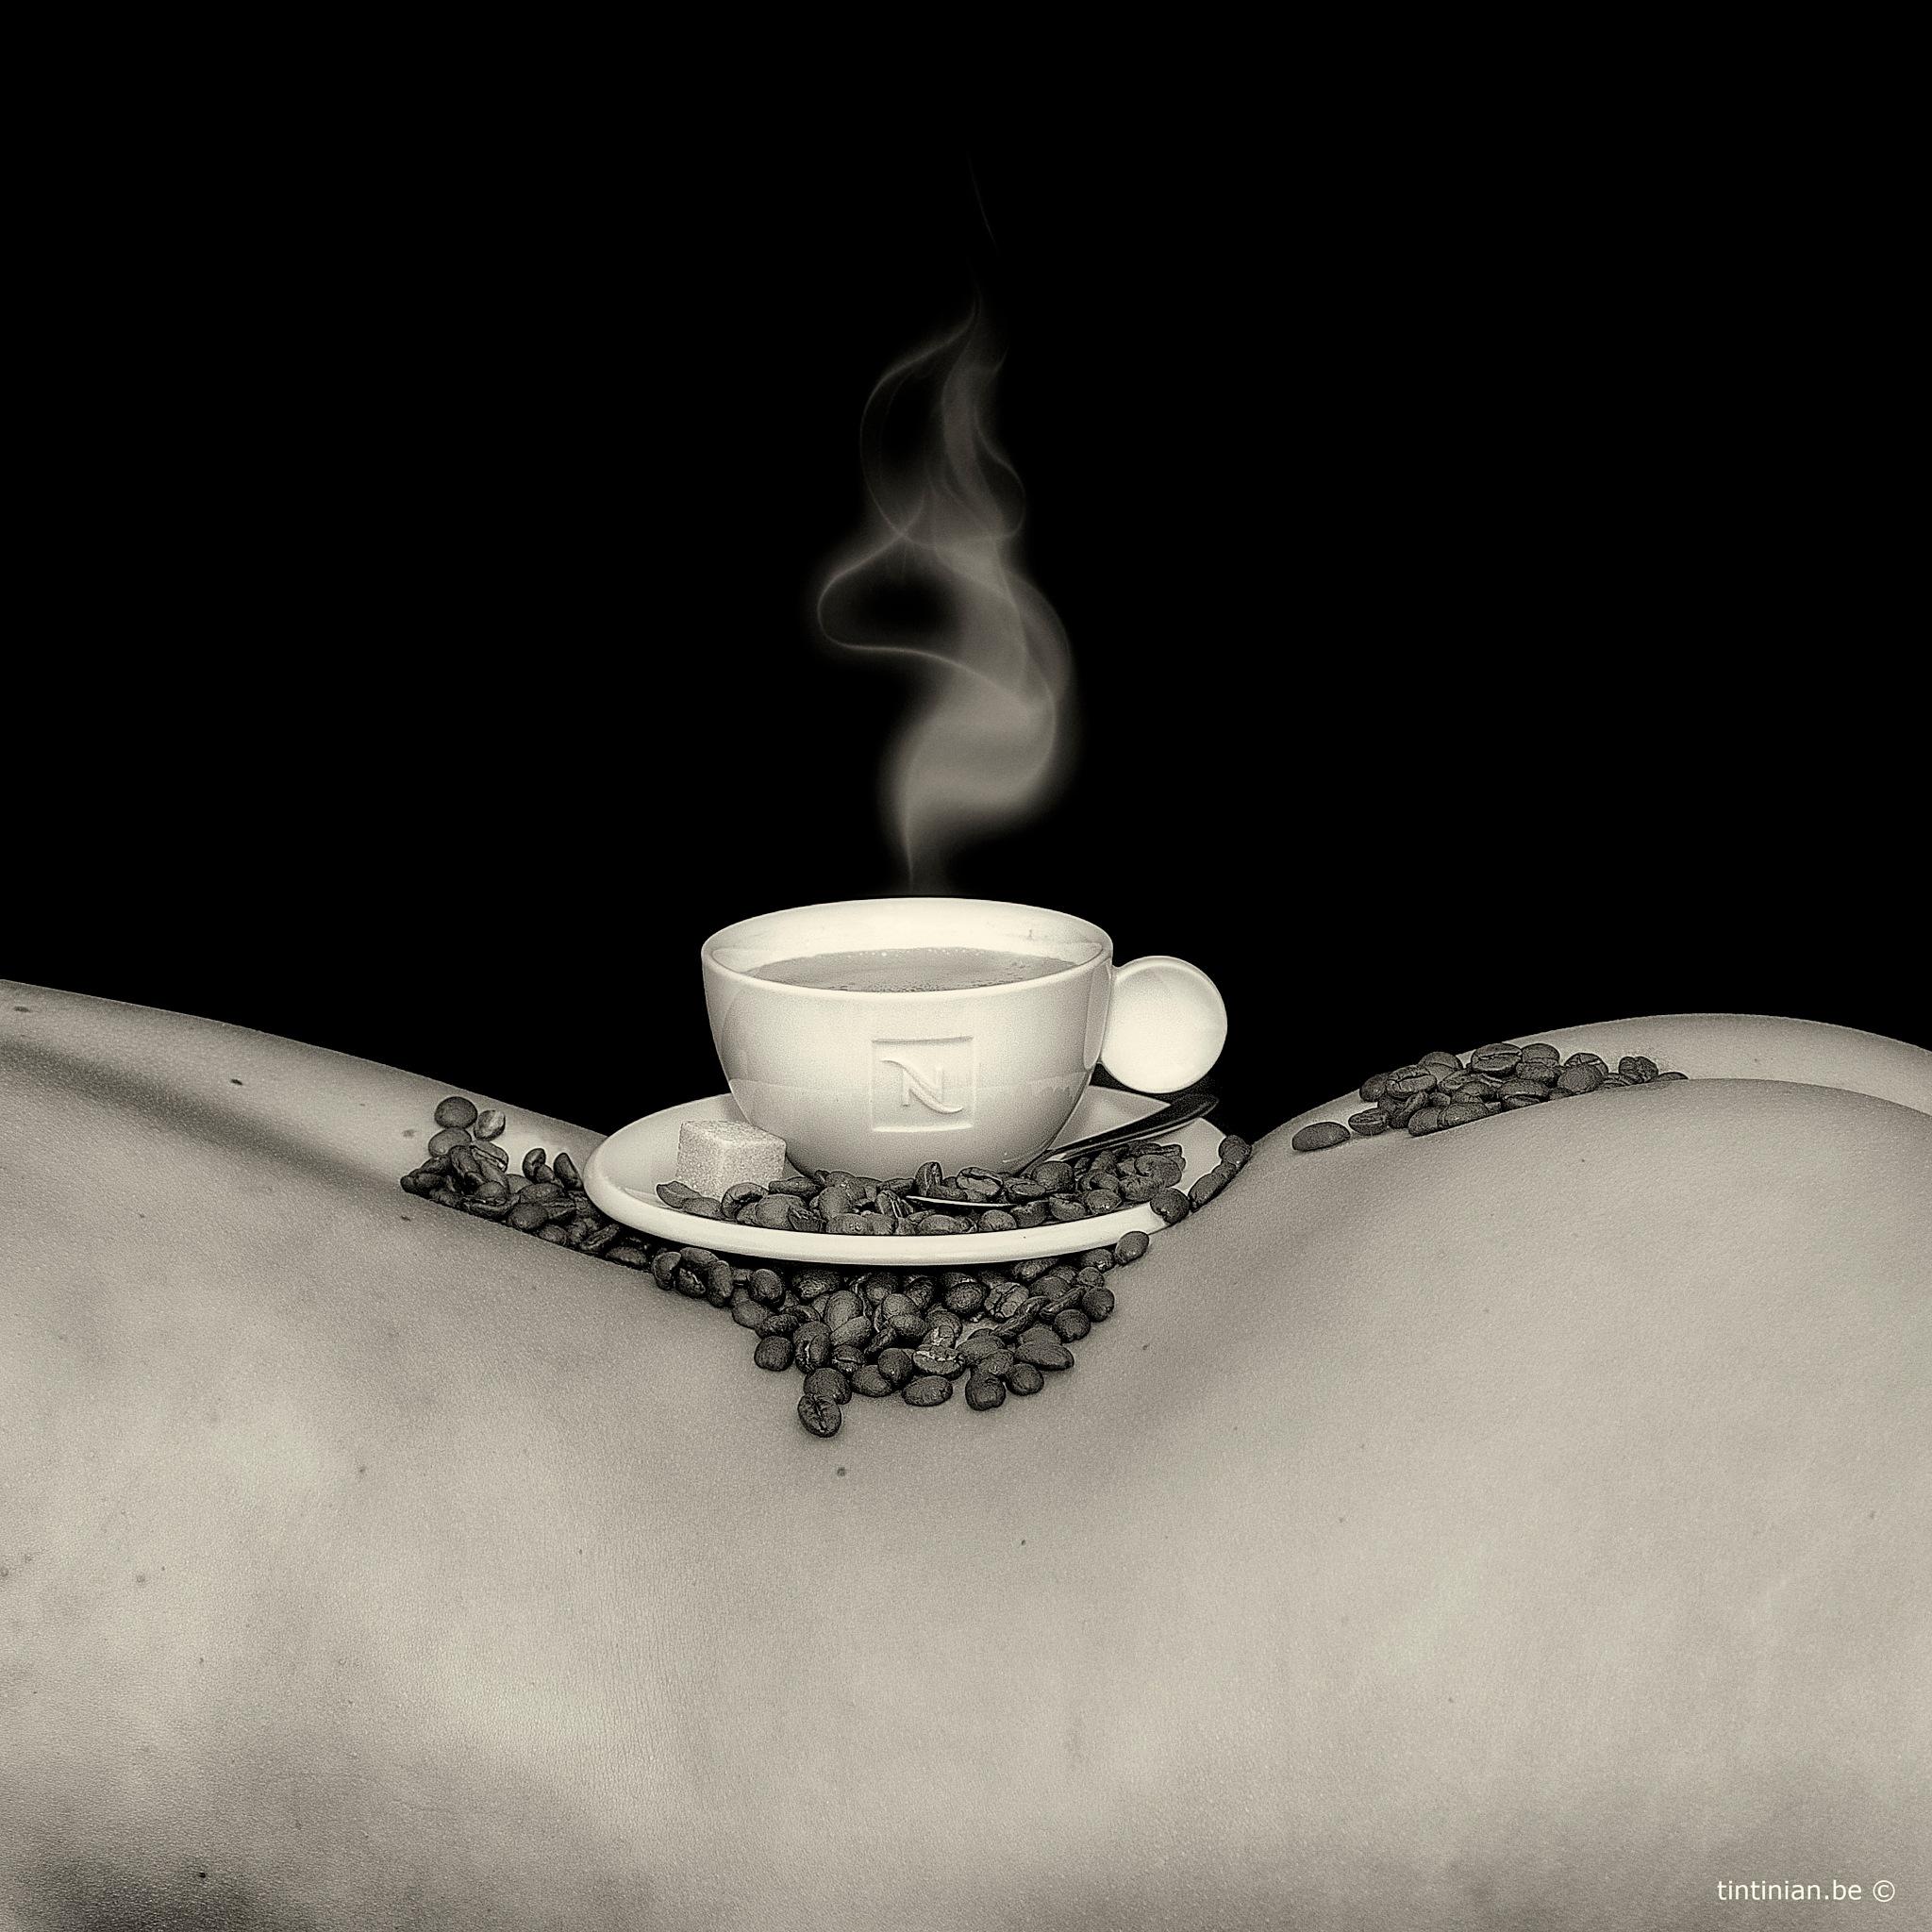 Cofee by Etienne de Maeyer